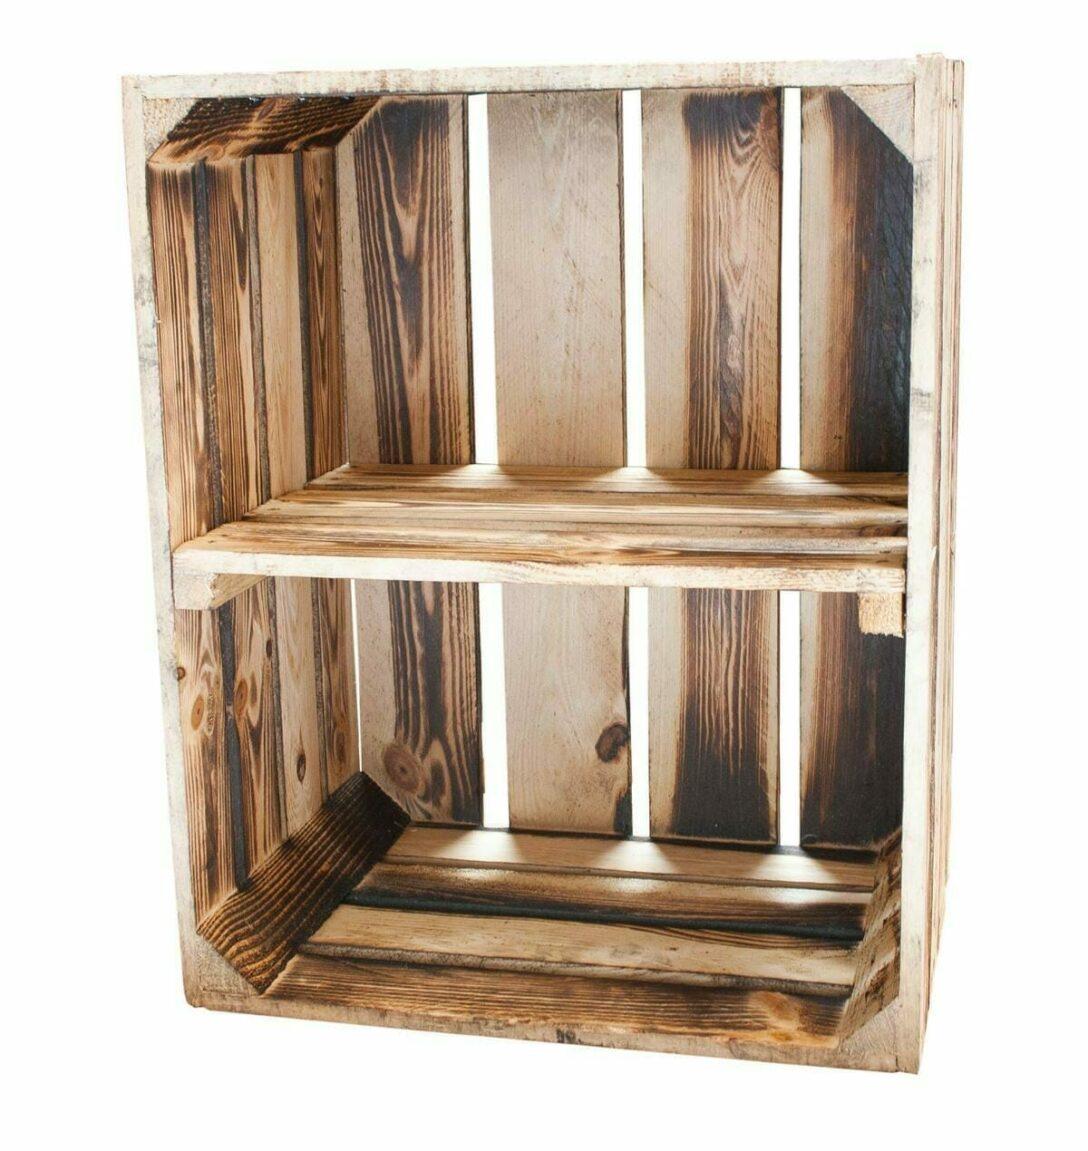 Large Size of Regal Aus Kisten Ikea Holz Selber Bauen System Holzkisten Basteln Bauanleitung Regale Kaufen Schräge Fächer Für Getränkekisten Winkhaus Fenster Bett Regal Regal Aus Kisten